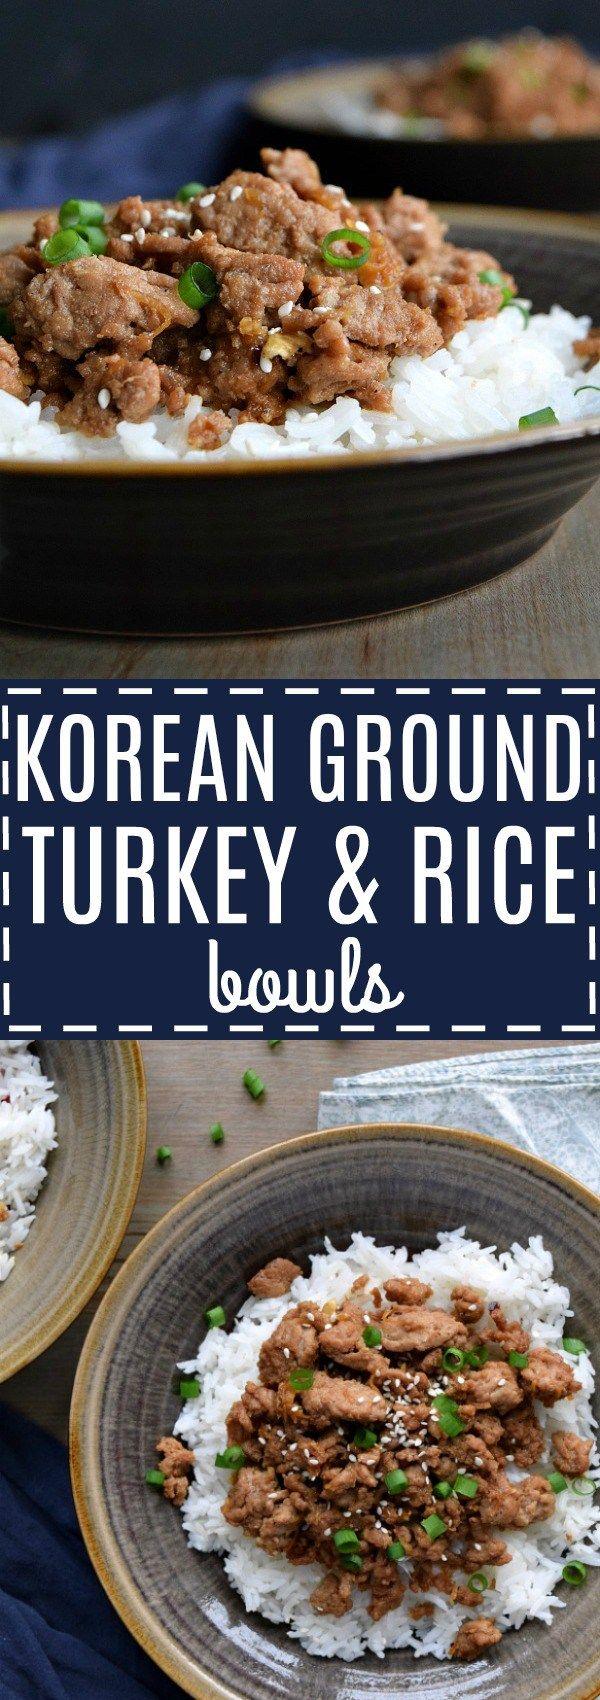 Korean Ground Turkey Ground Turkey Recipes Healthy Ground Turkey Recipes Turkey Recipes